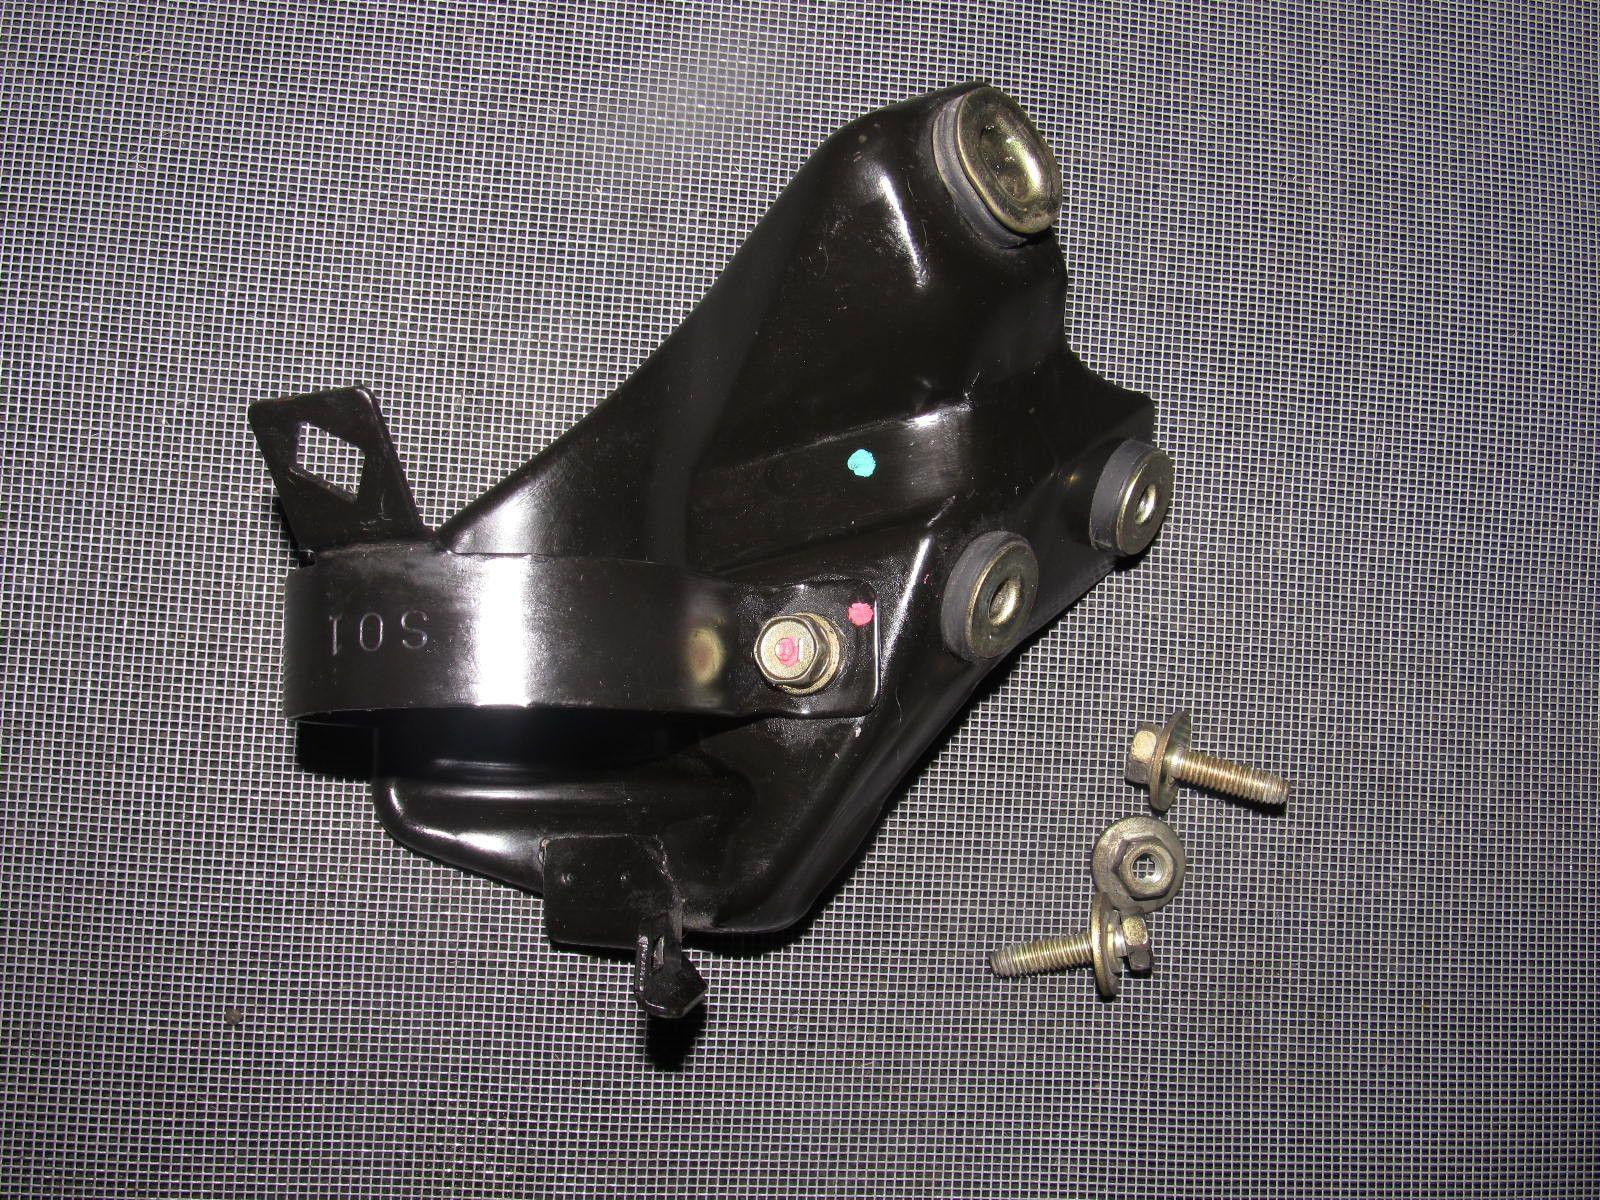 96 97 98 99 00 honda civic oem fuel filter mounting bracket [ 1600 x 1200 Pixel ]